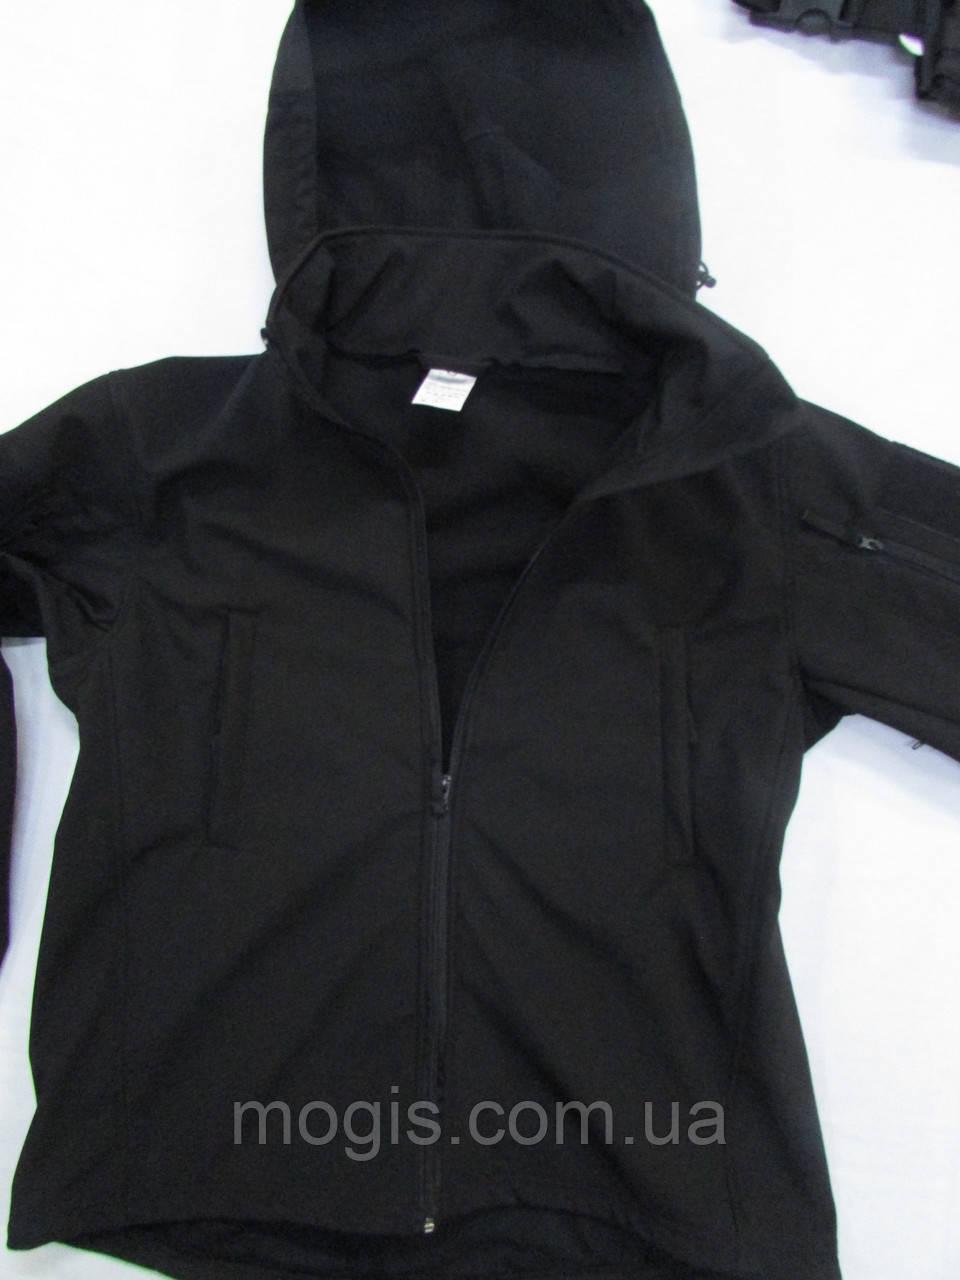 Куртка ветровка milt-12 тк. совтшел черный со сьемным капюшоном козырьком